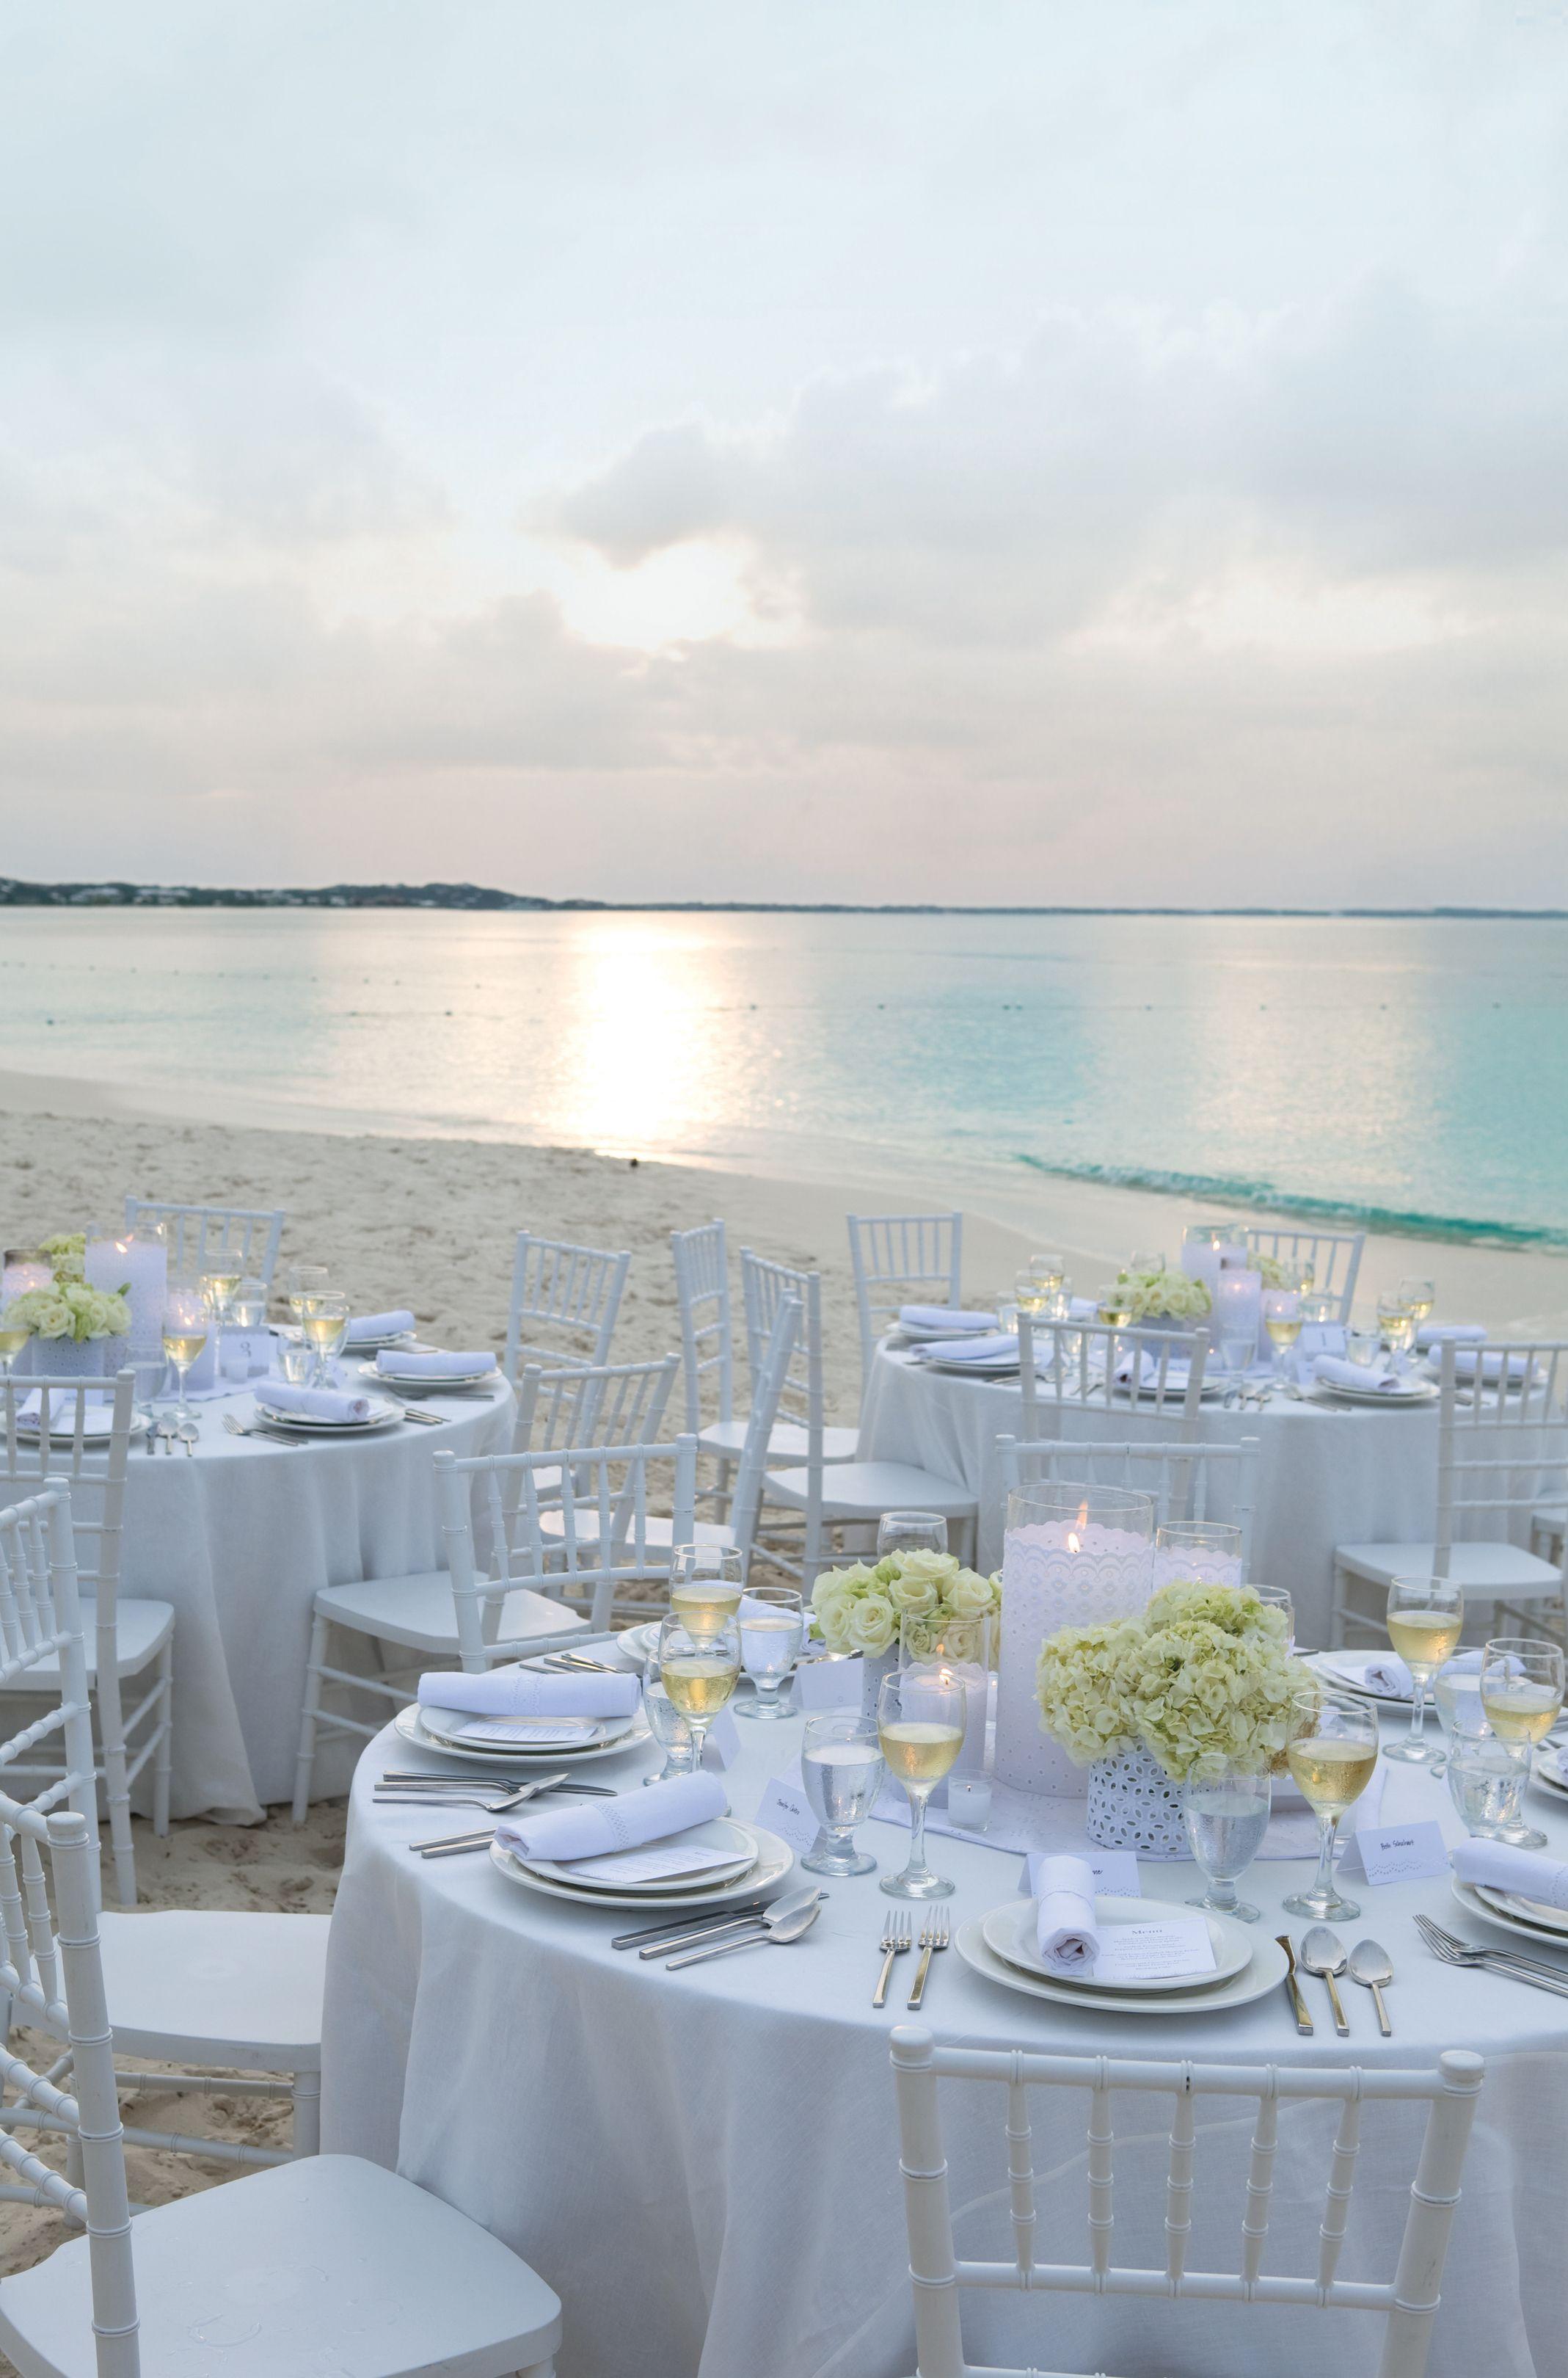 Beach wedding decoration ideas  beach wedding  Beach Wedding  Pinterest  Beach Wedding and Romantic